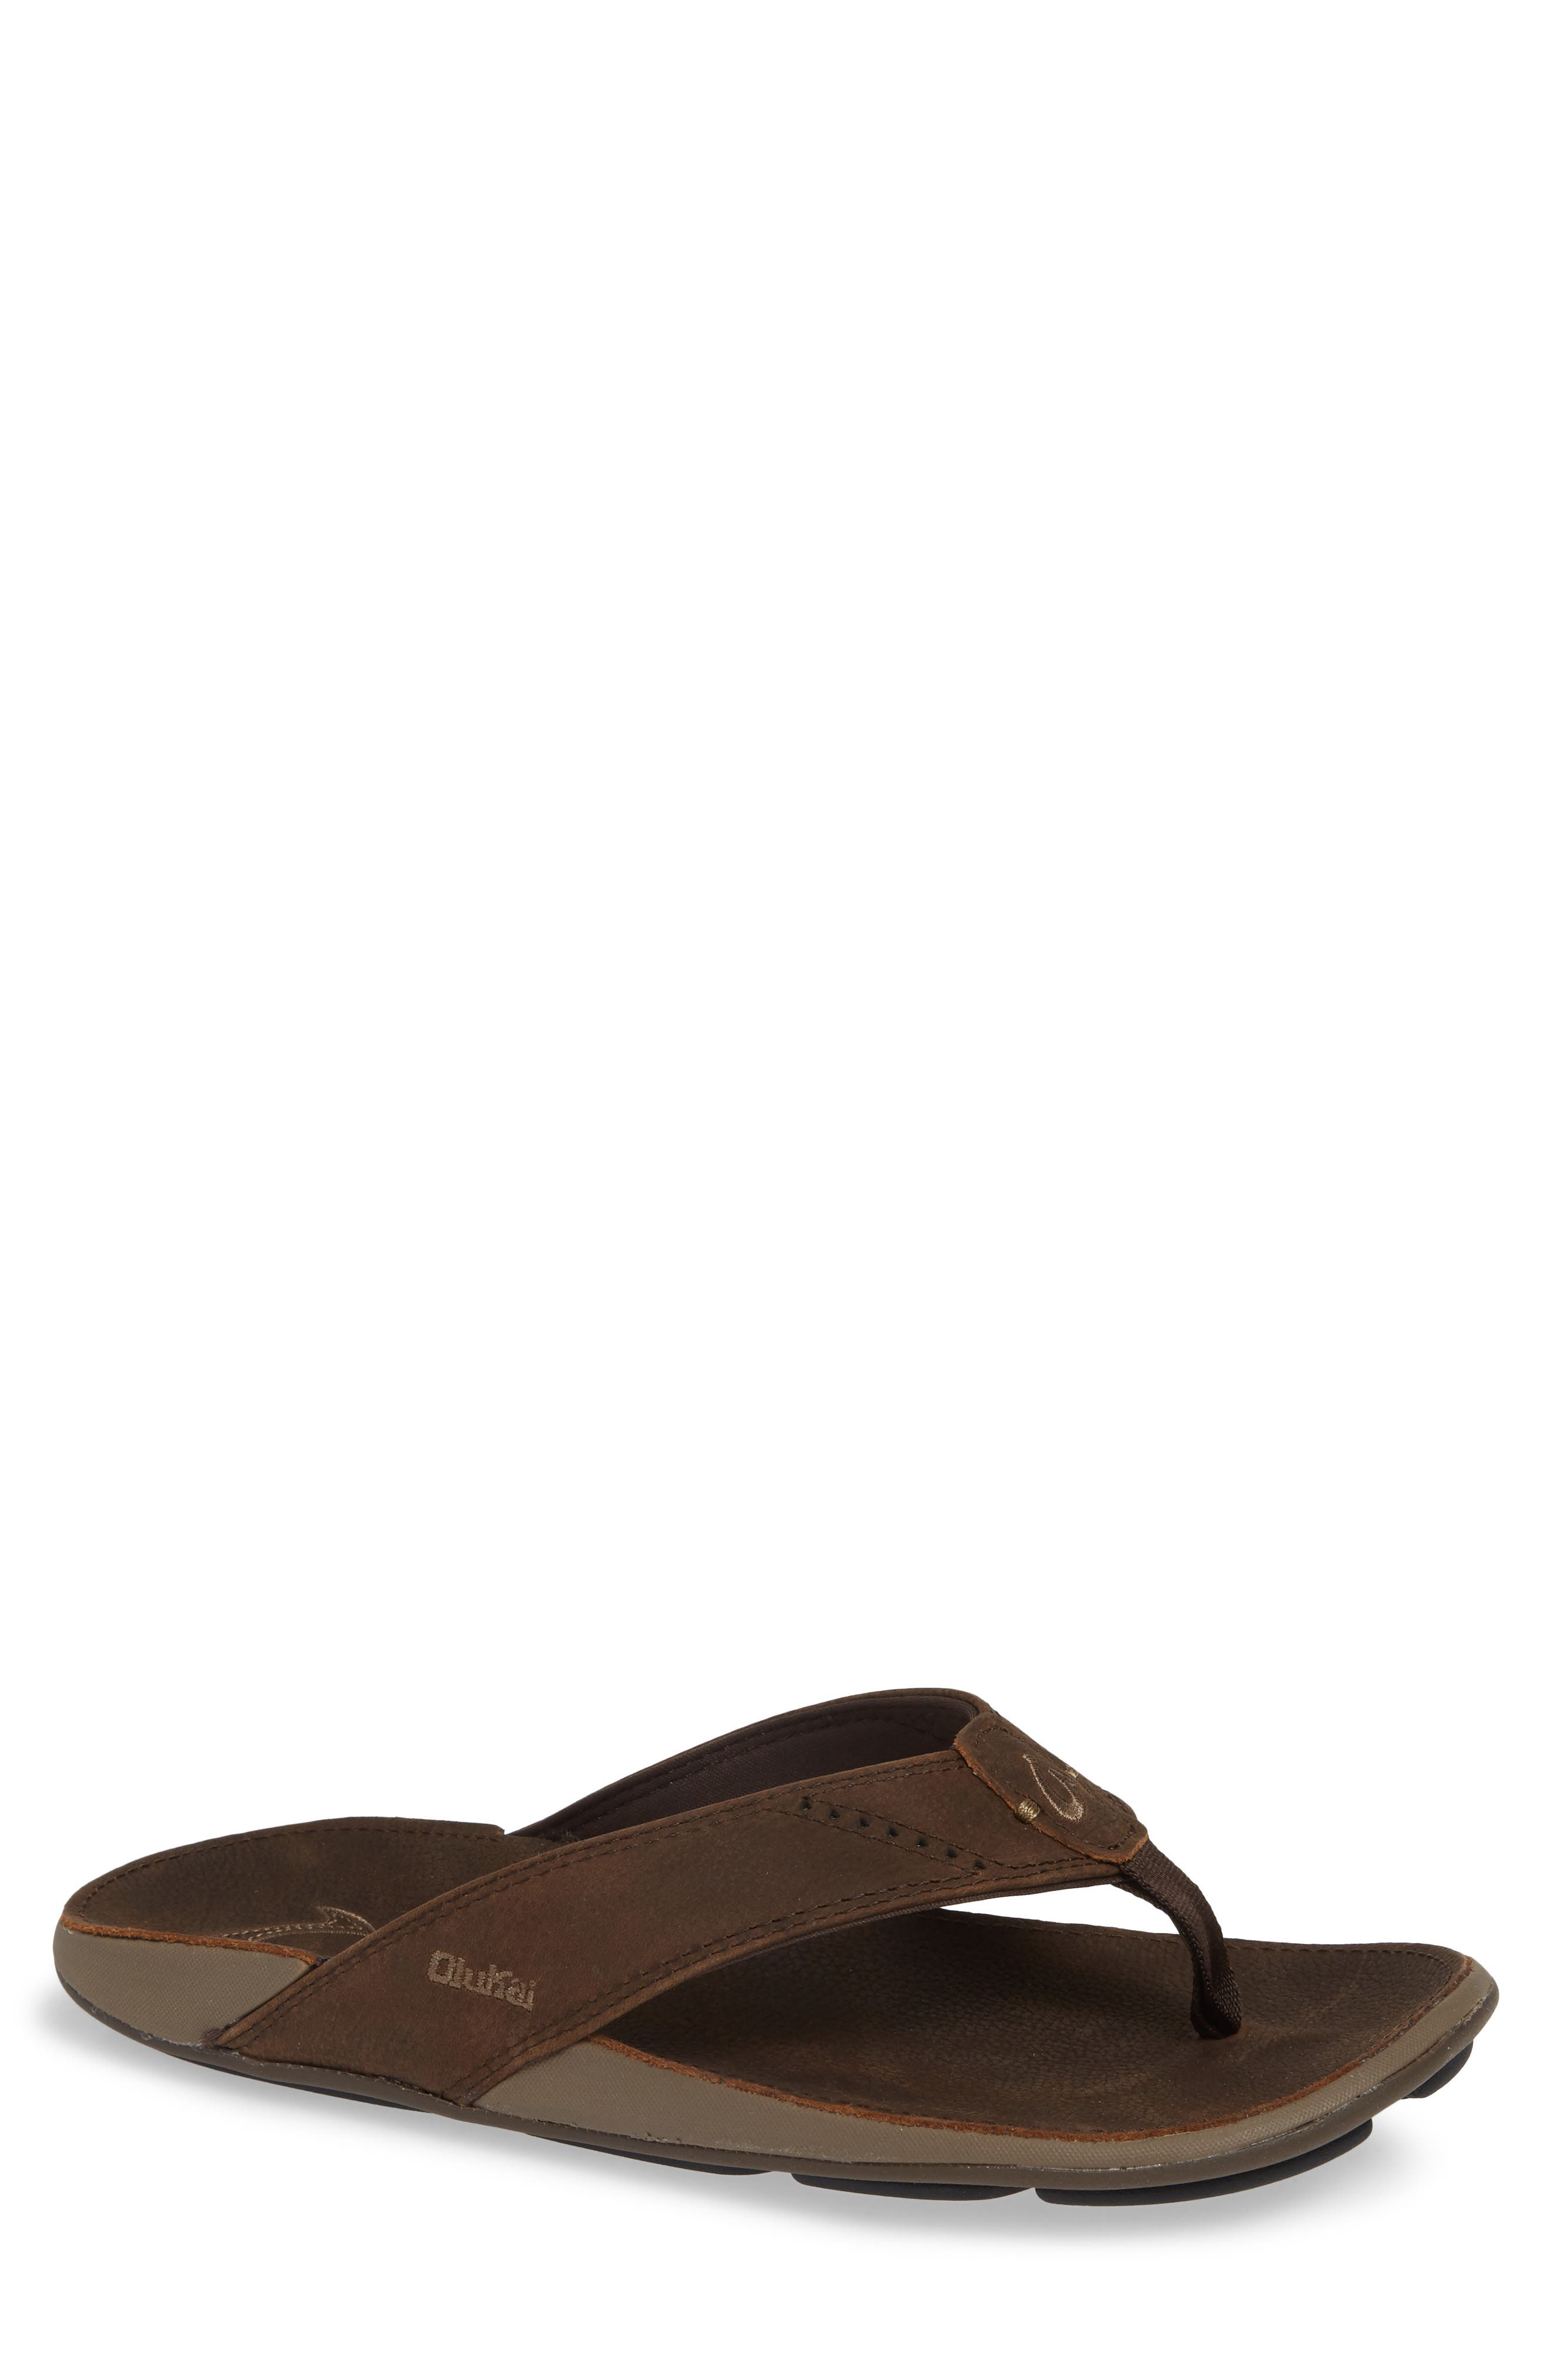 'Nui' Leather Flip Flop,                         Main,                         color, ESPRESSO LEATHER